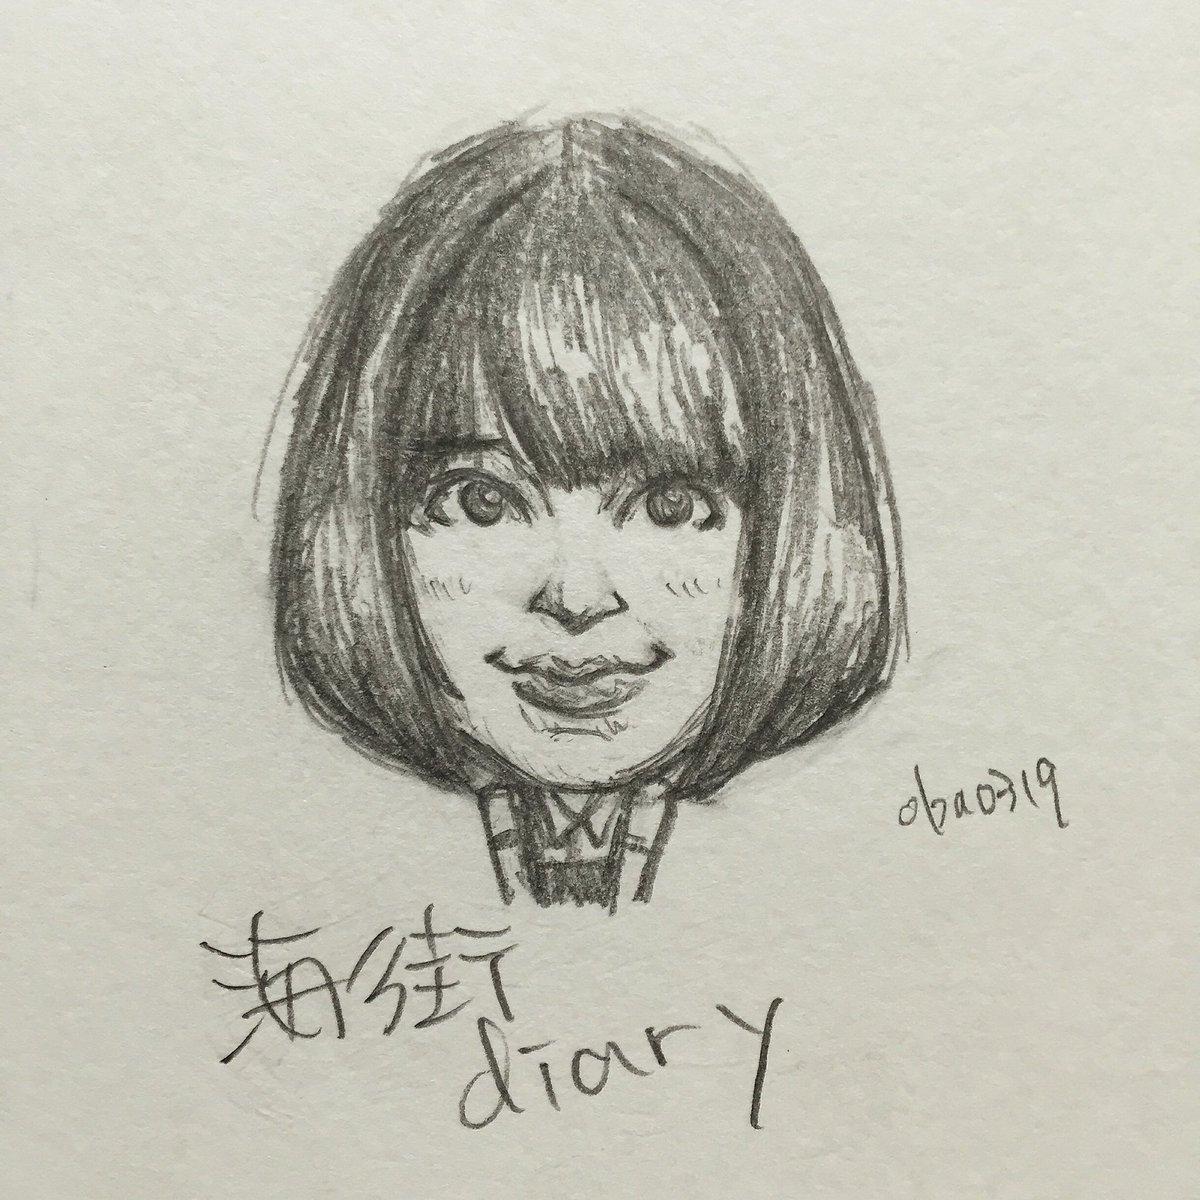 大林孝行oba0319 On Twitter 海街diary観たので広瀬すずさん 映画